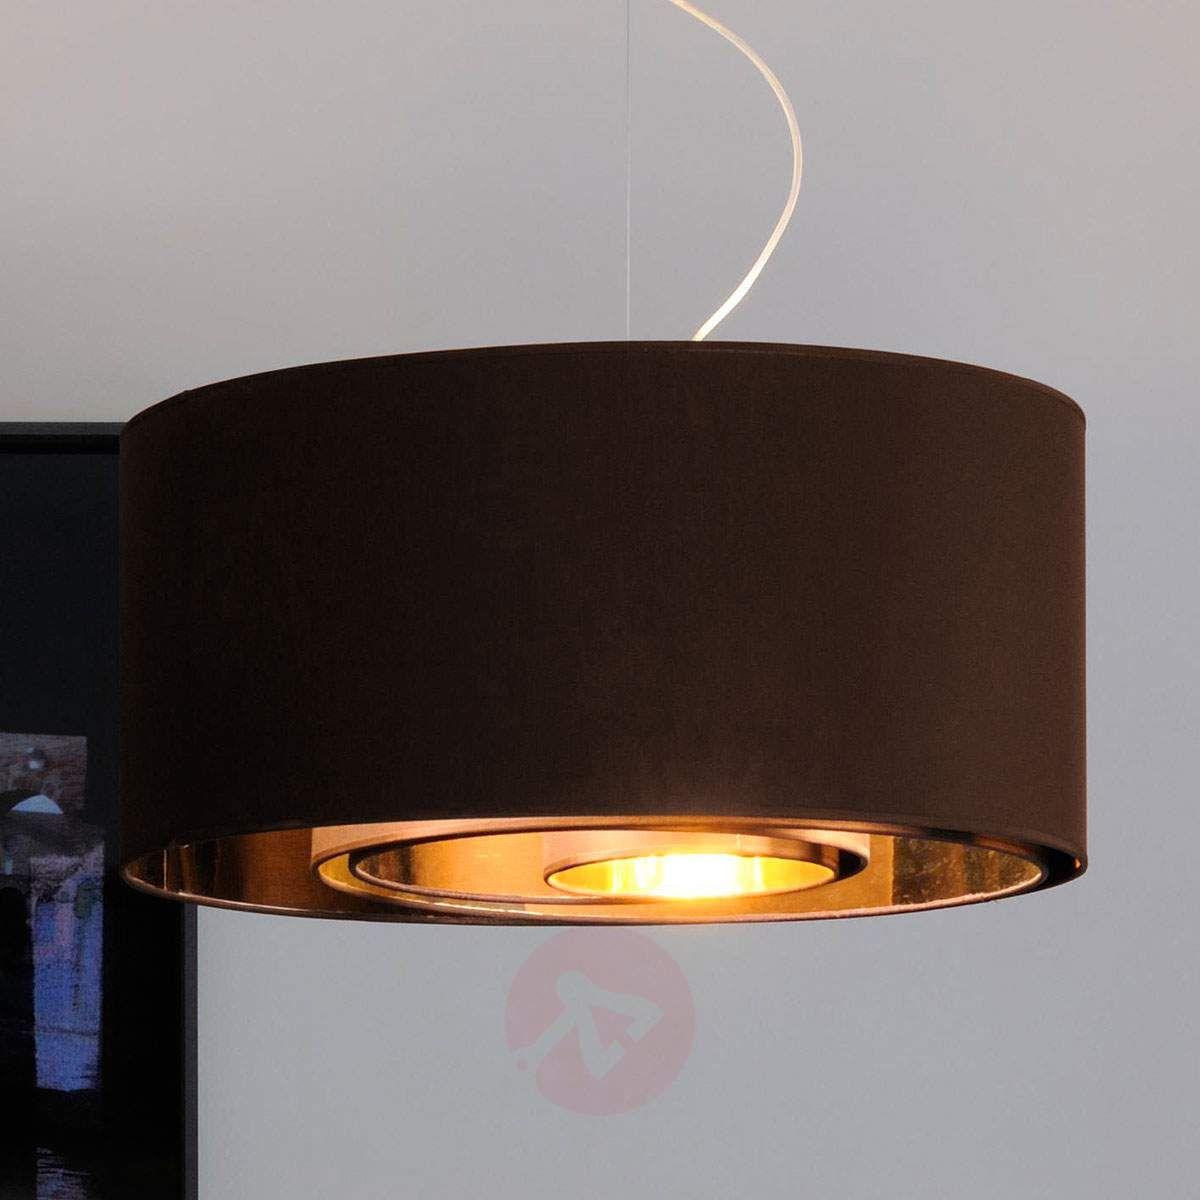 Lampa Wisząca Circles 65 Cm Brąz Złota Lampy Wiszące W